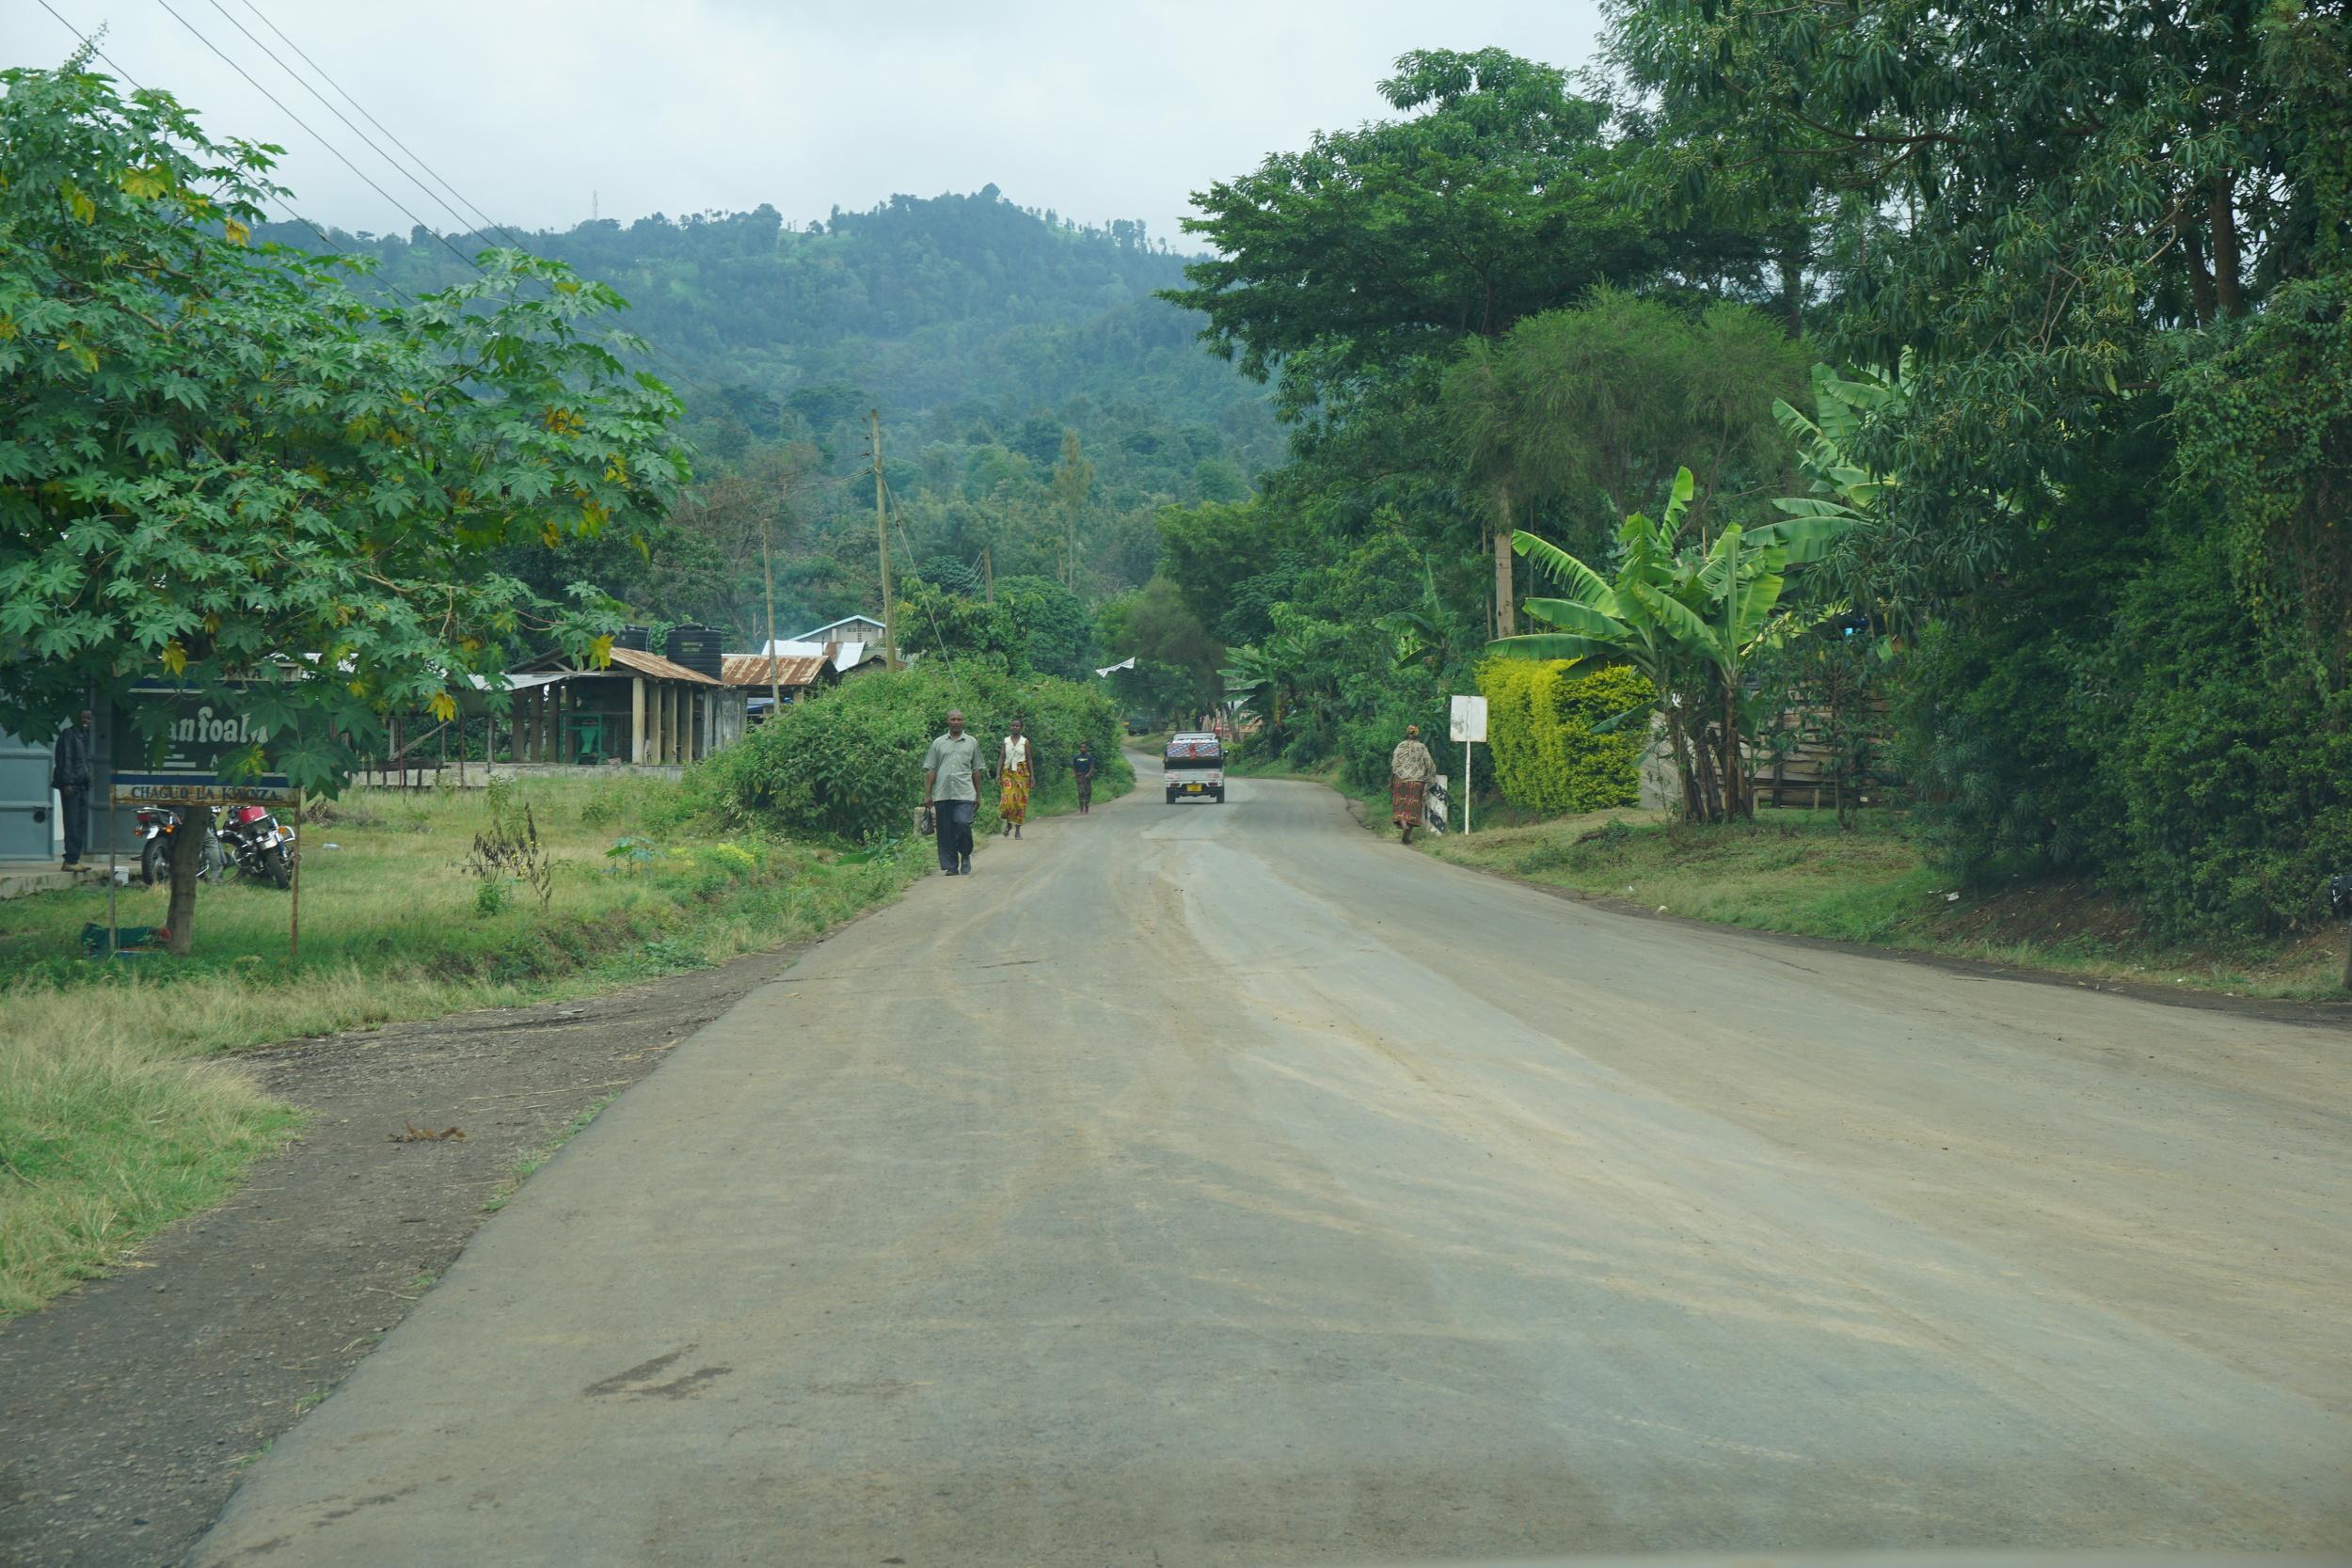 The road to Aranga.